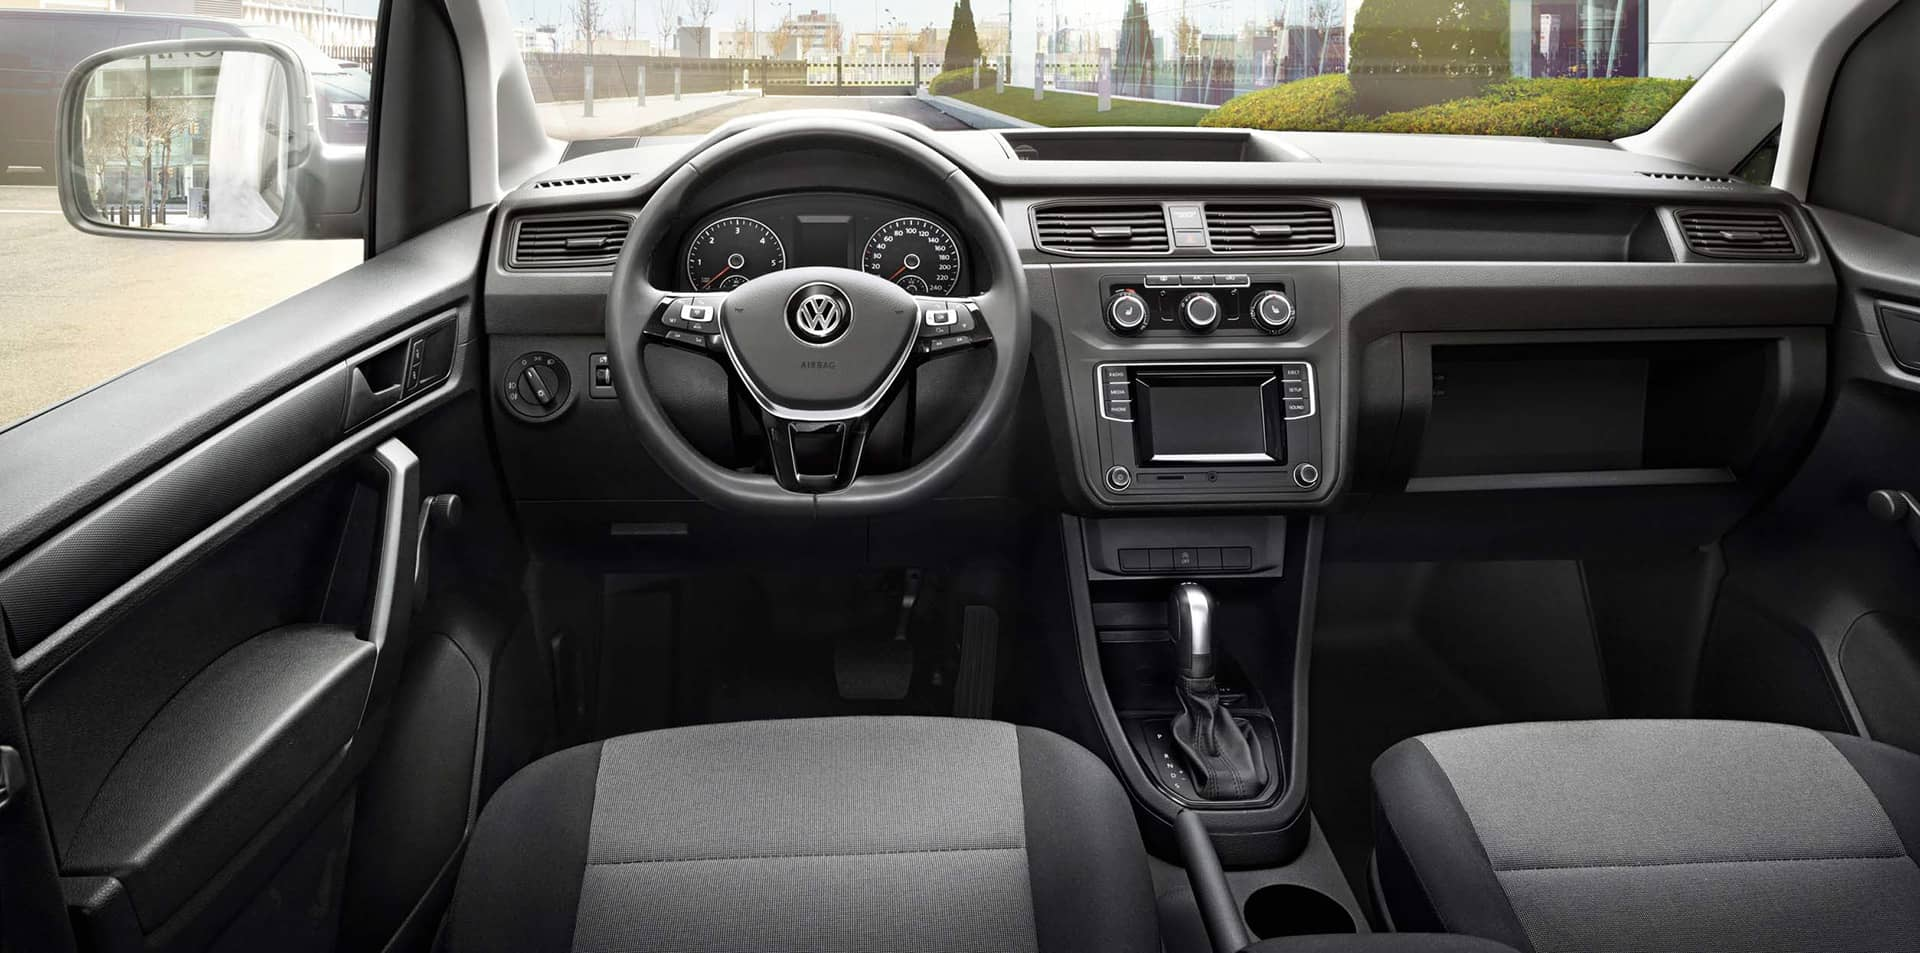 Renting Volkswagen Caddy